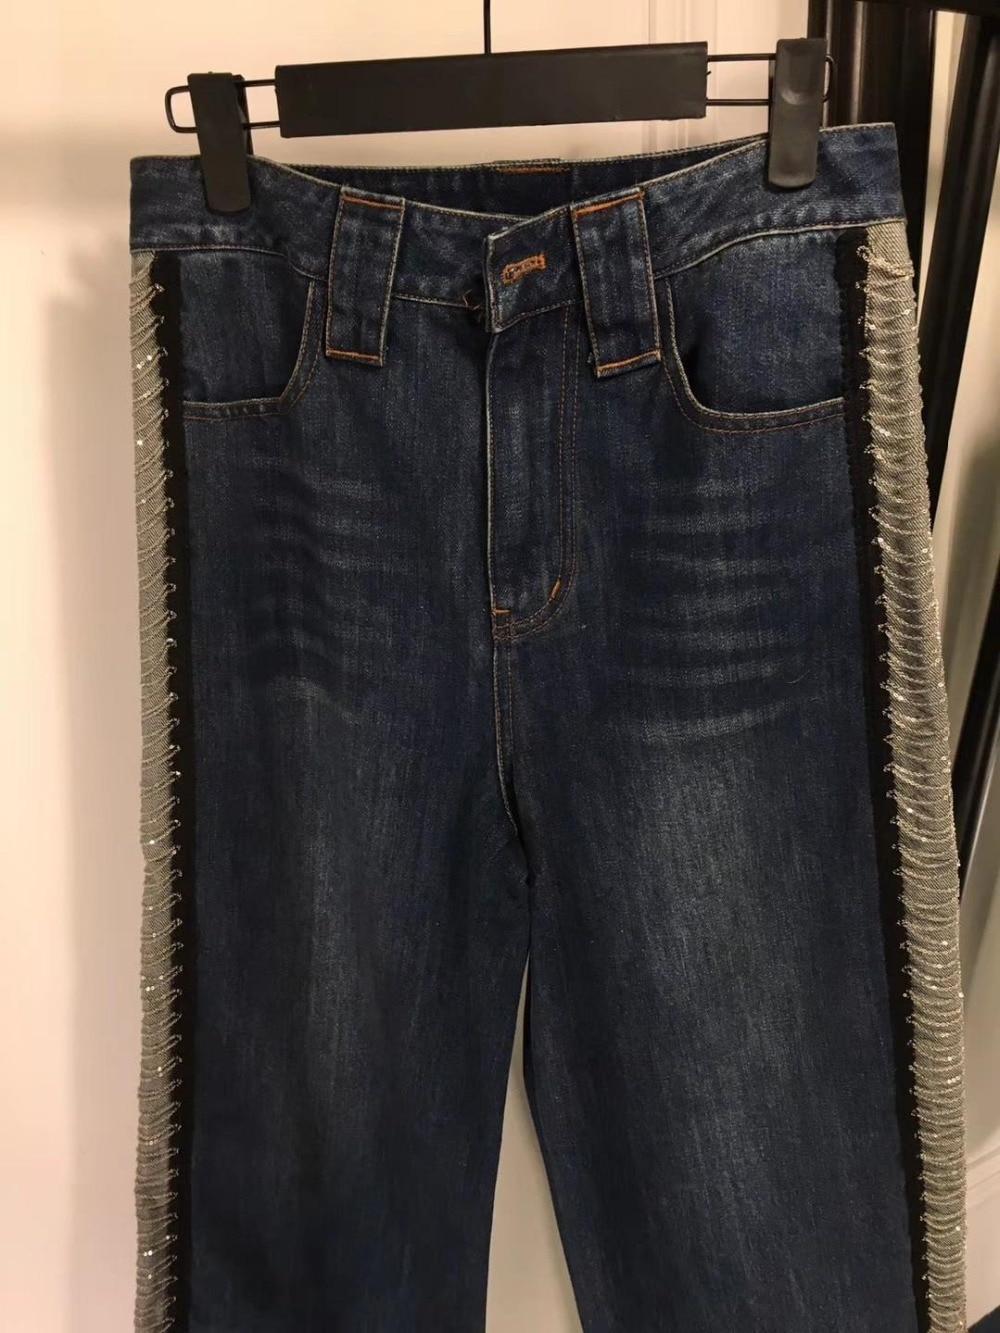 Mode Élégant Lâche Nouvelle Perles Qualité Longue Dame Supérieure 2019 Noir Pantalon Décontracté Jeans Femmes AUTHxn